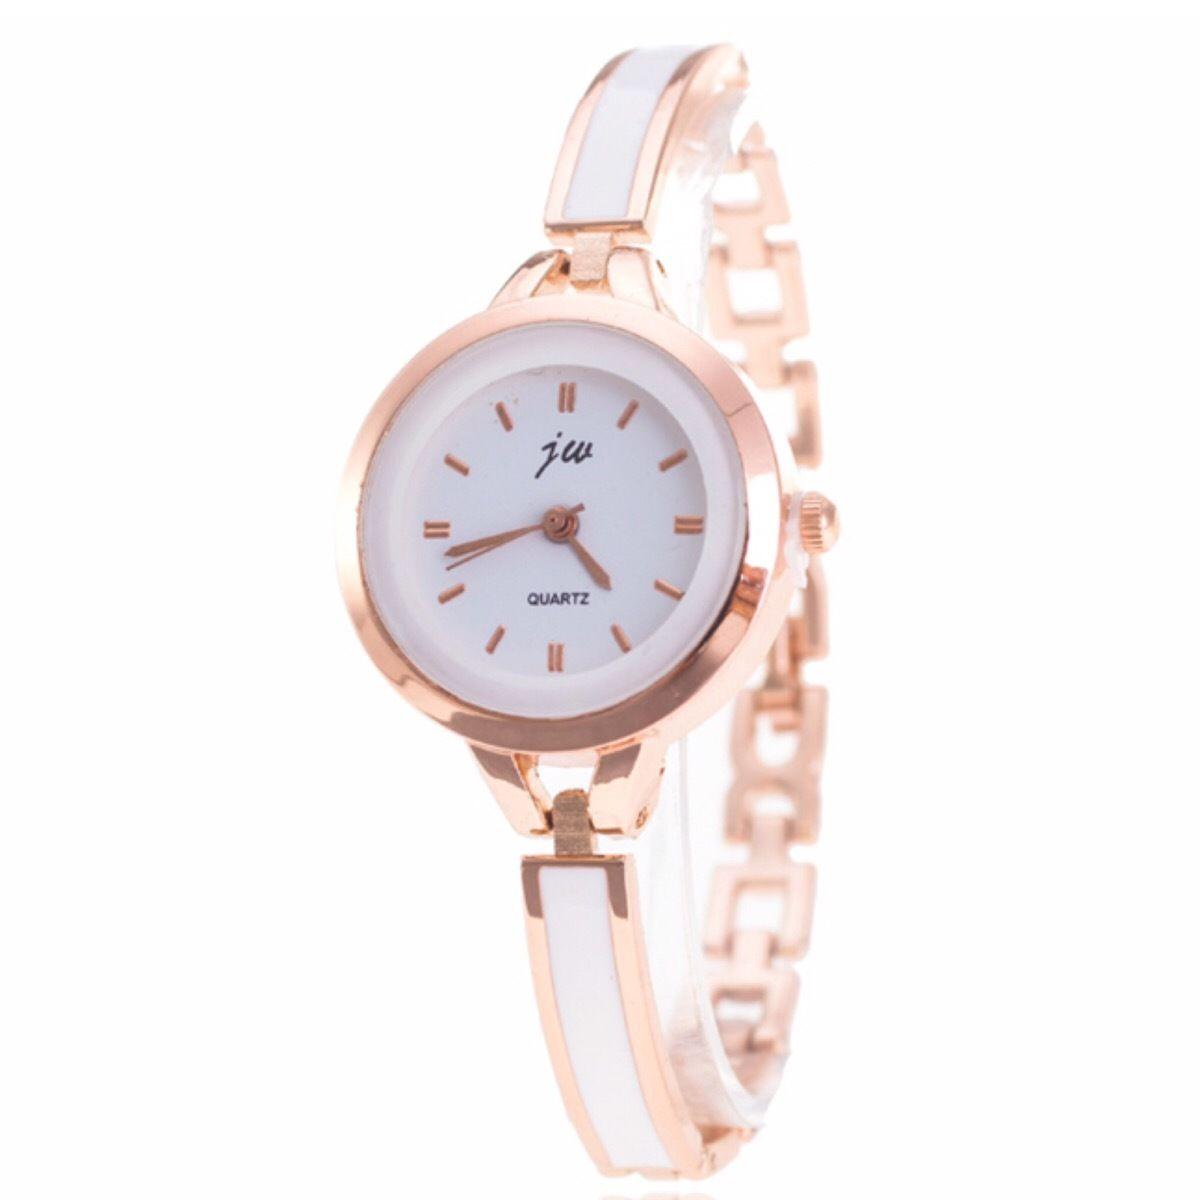 クリアウォッチ ゴールド レディース  シンプル ギフト 人気 プレゼント 時計 おしゃれ 安い かわいい スケルトン ブレスレット